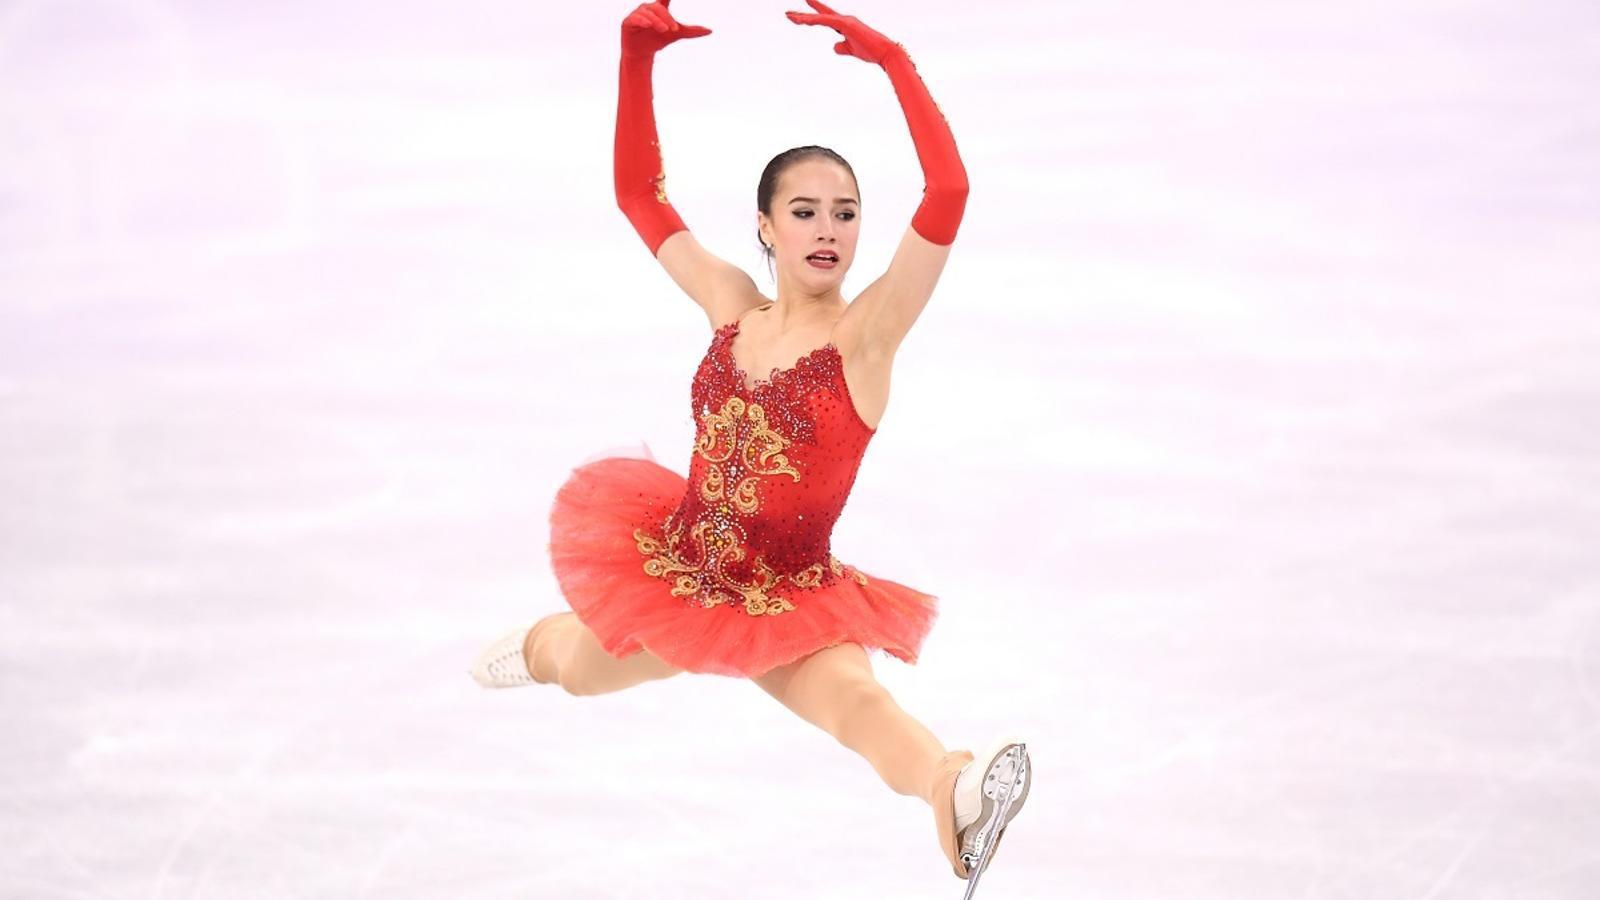 Alina Zagitova, als Jocs Olímpics de Pyeongchang